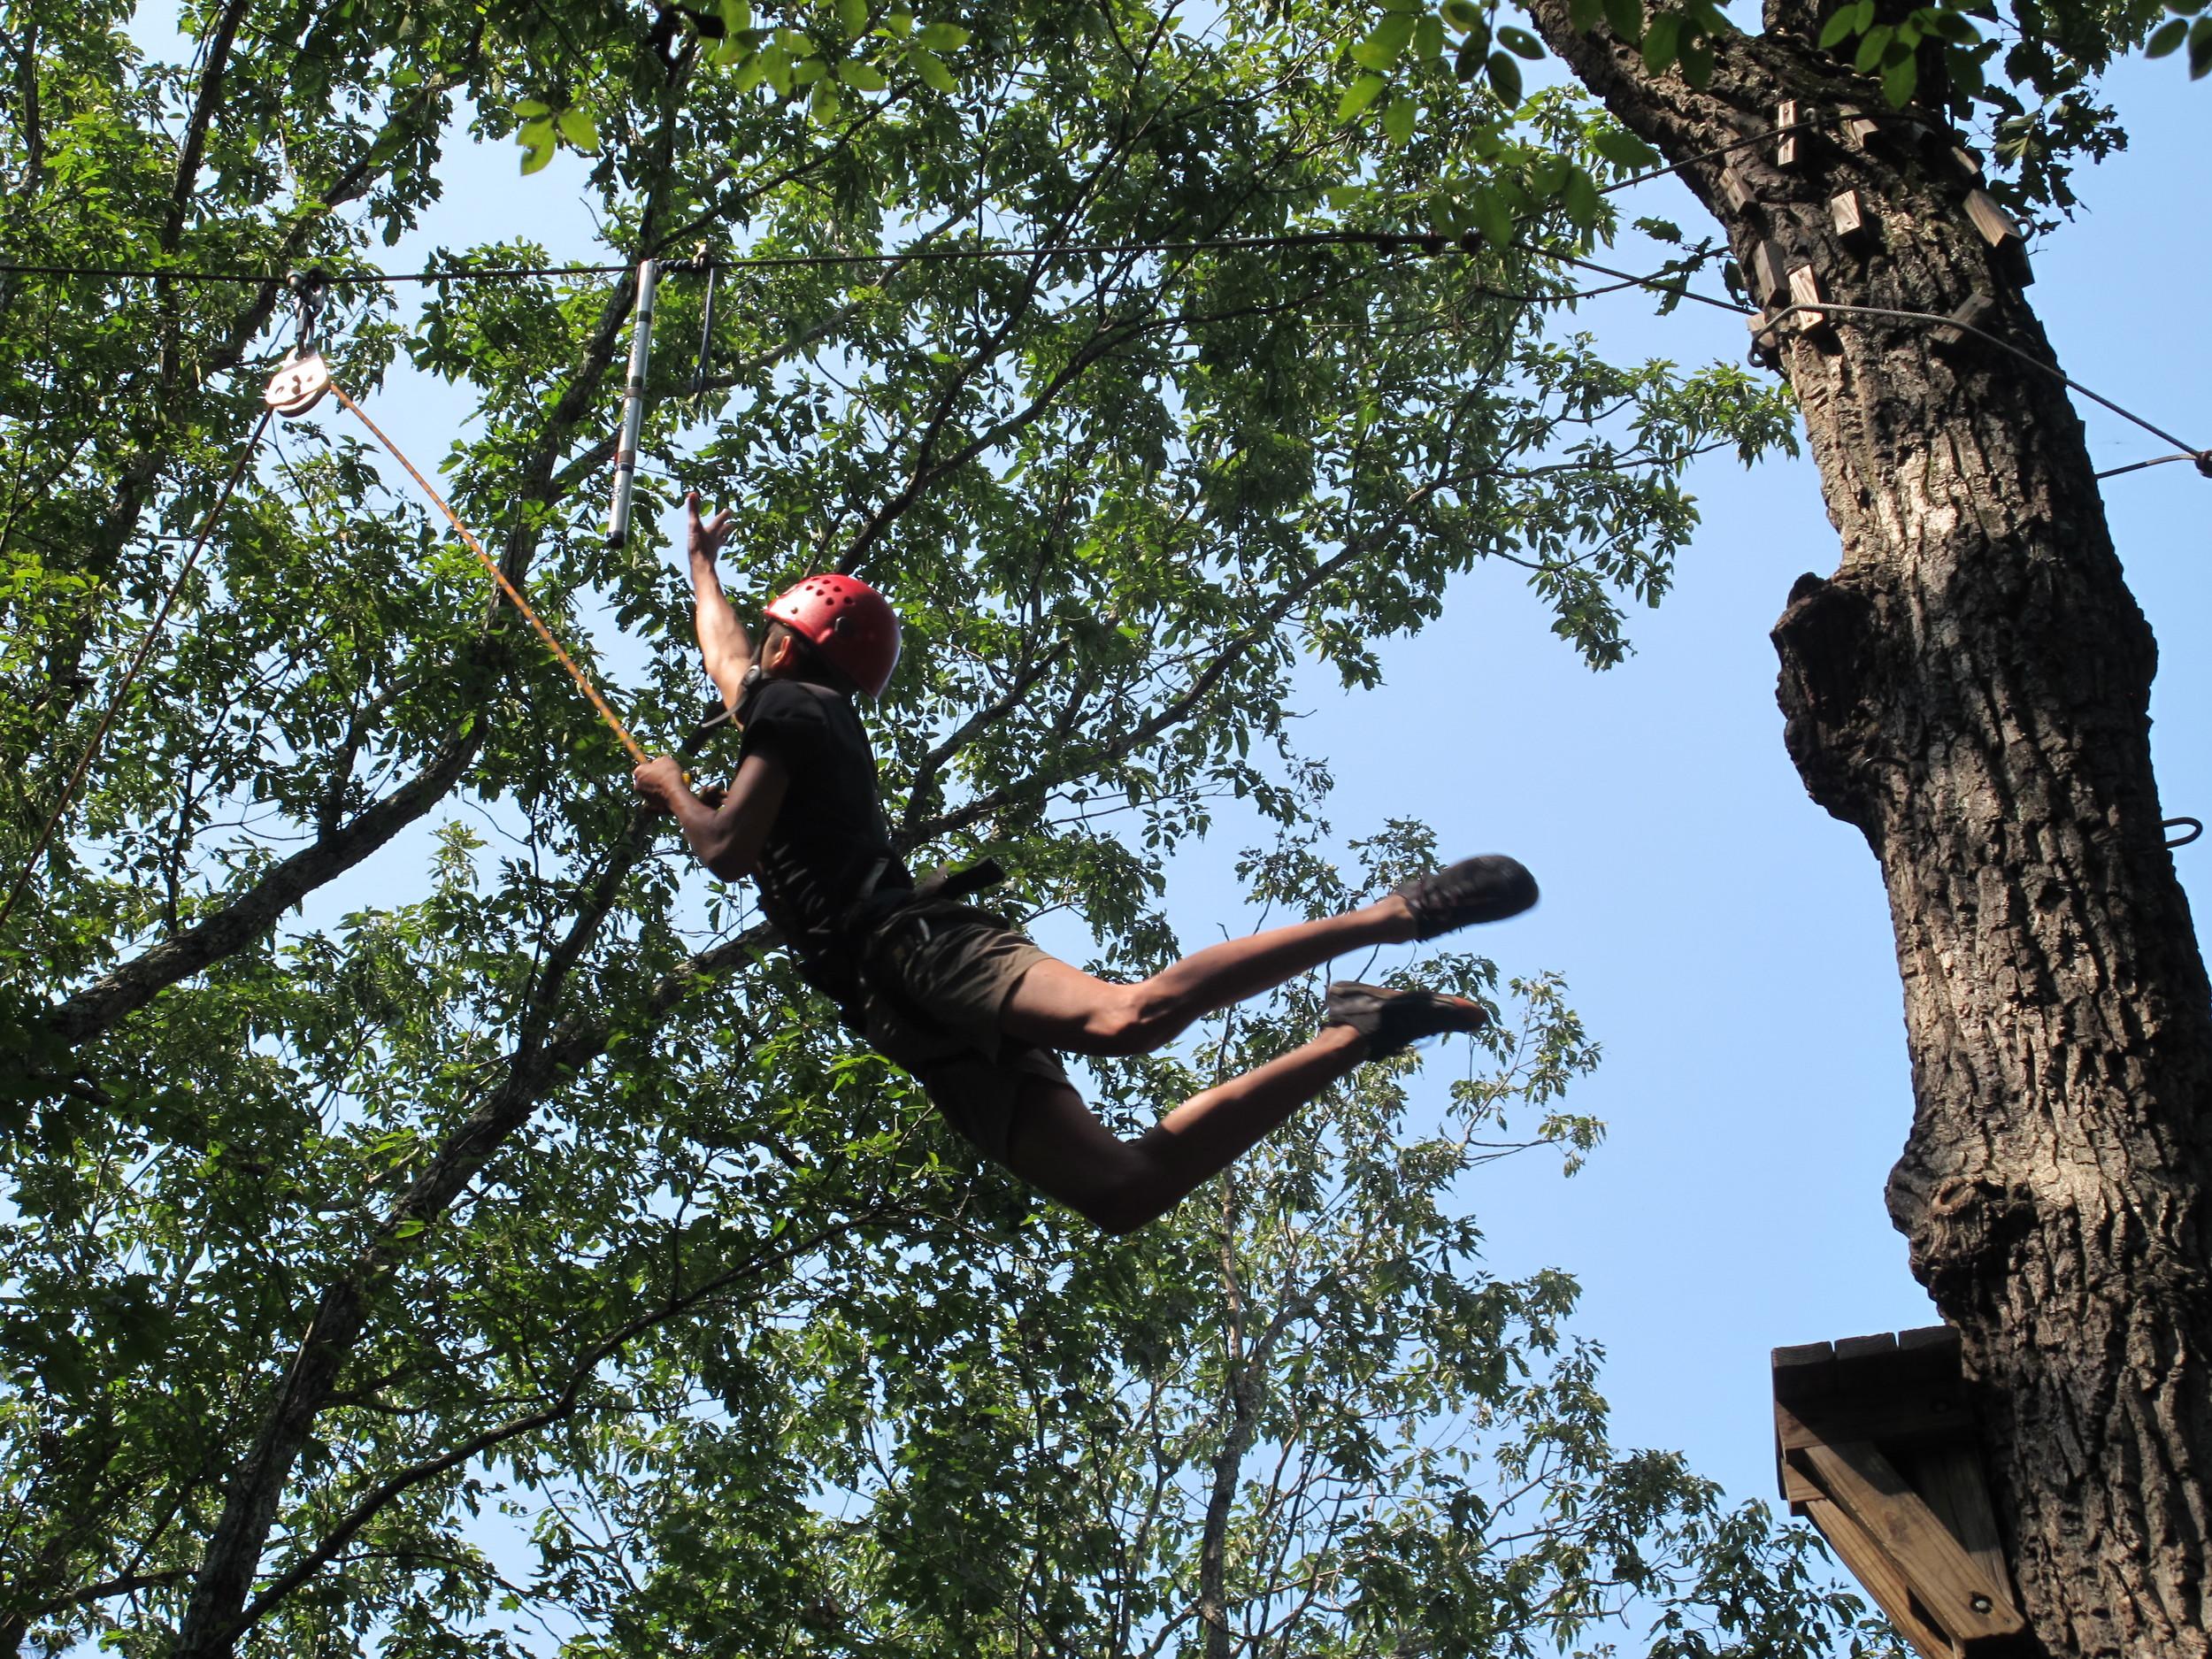 pole climb jumper.JPG